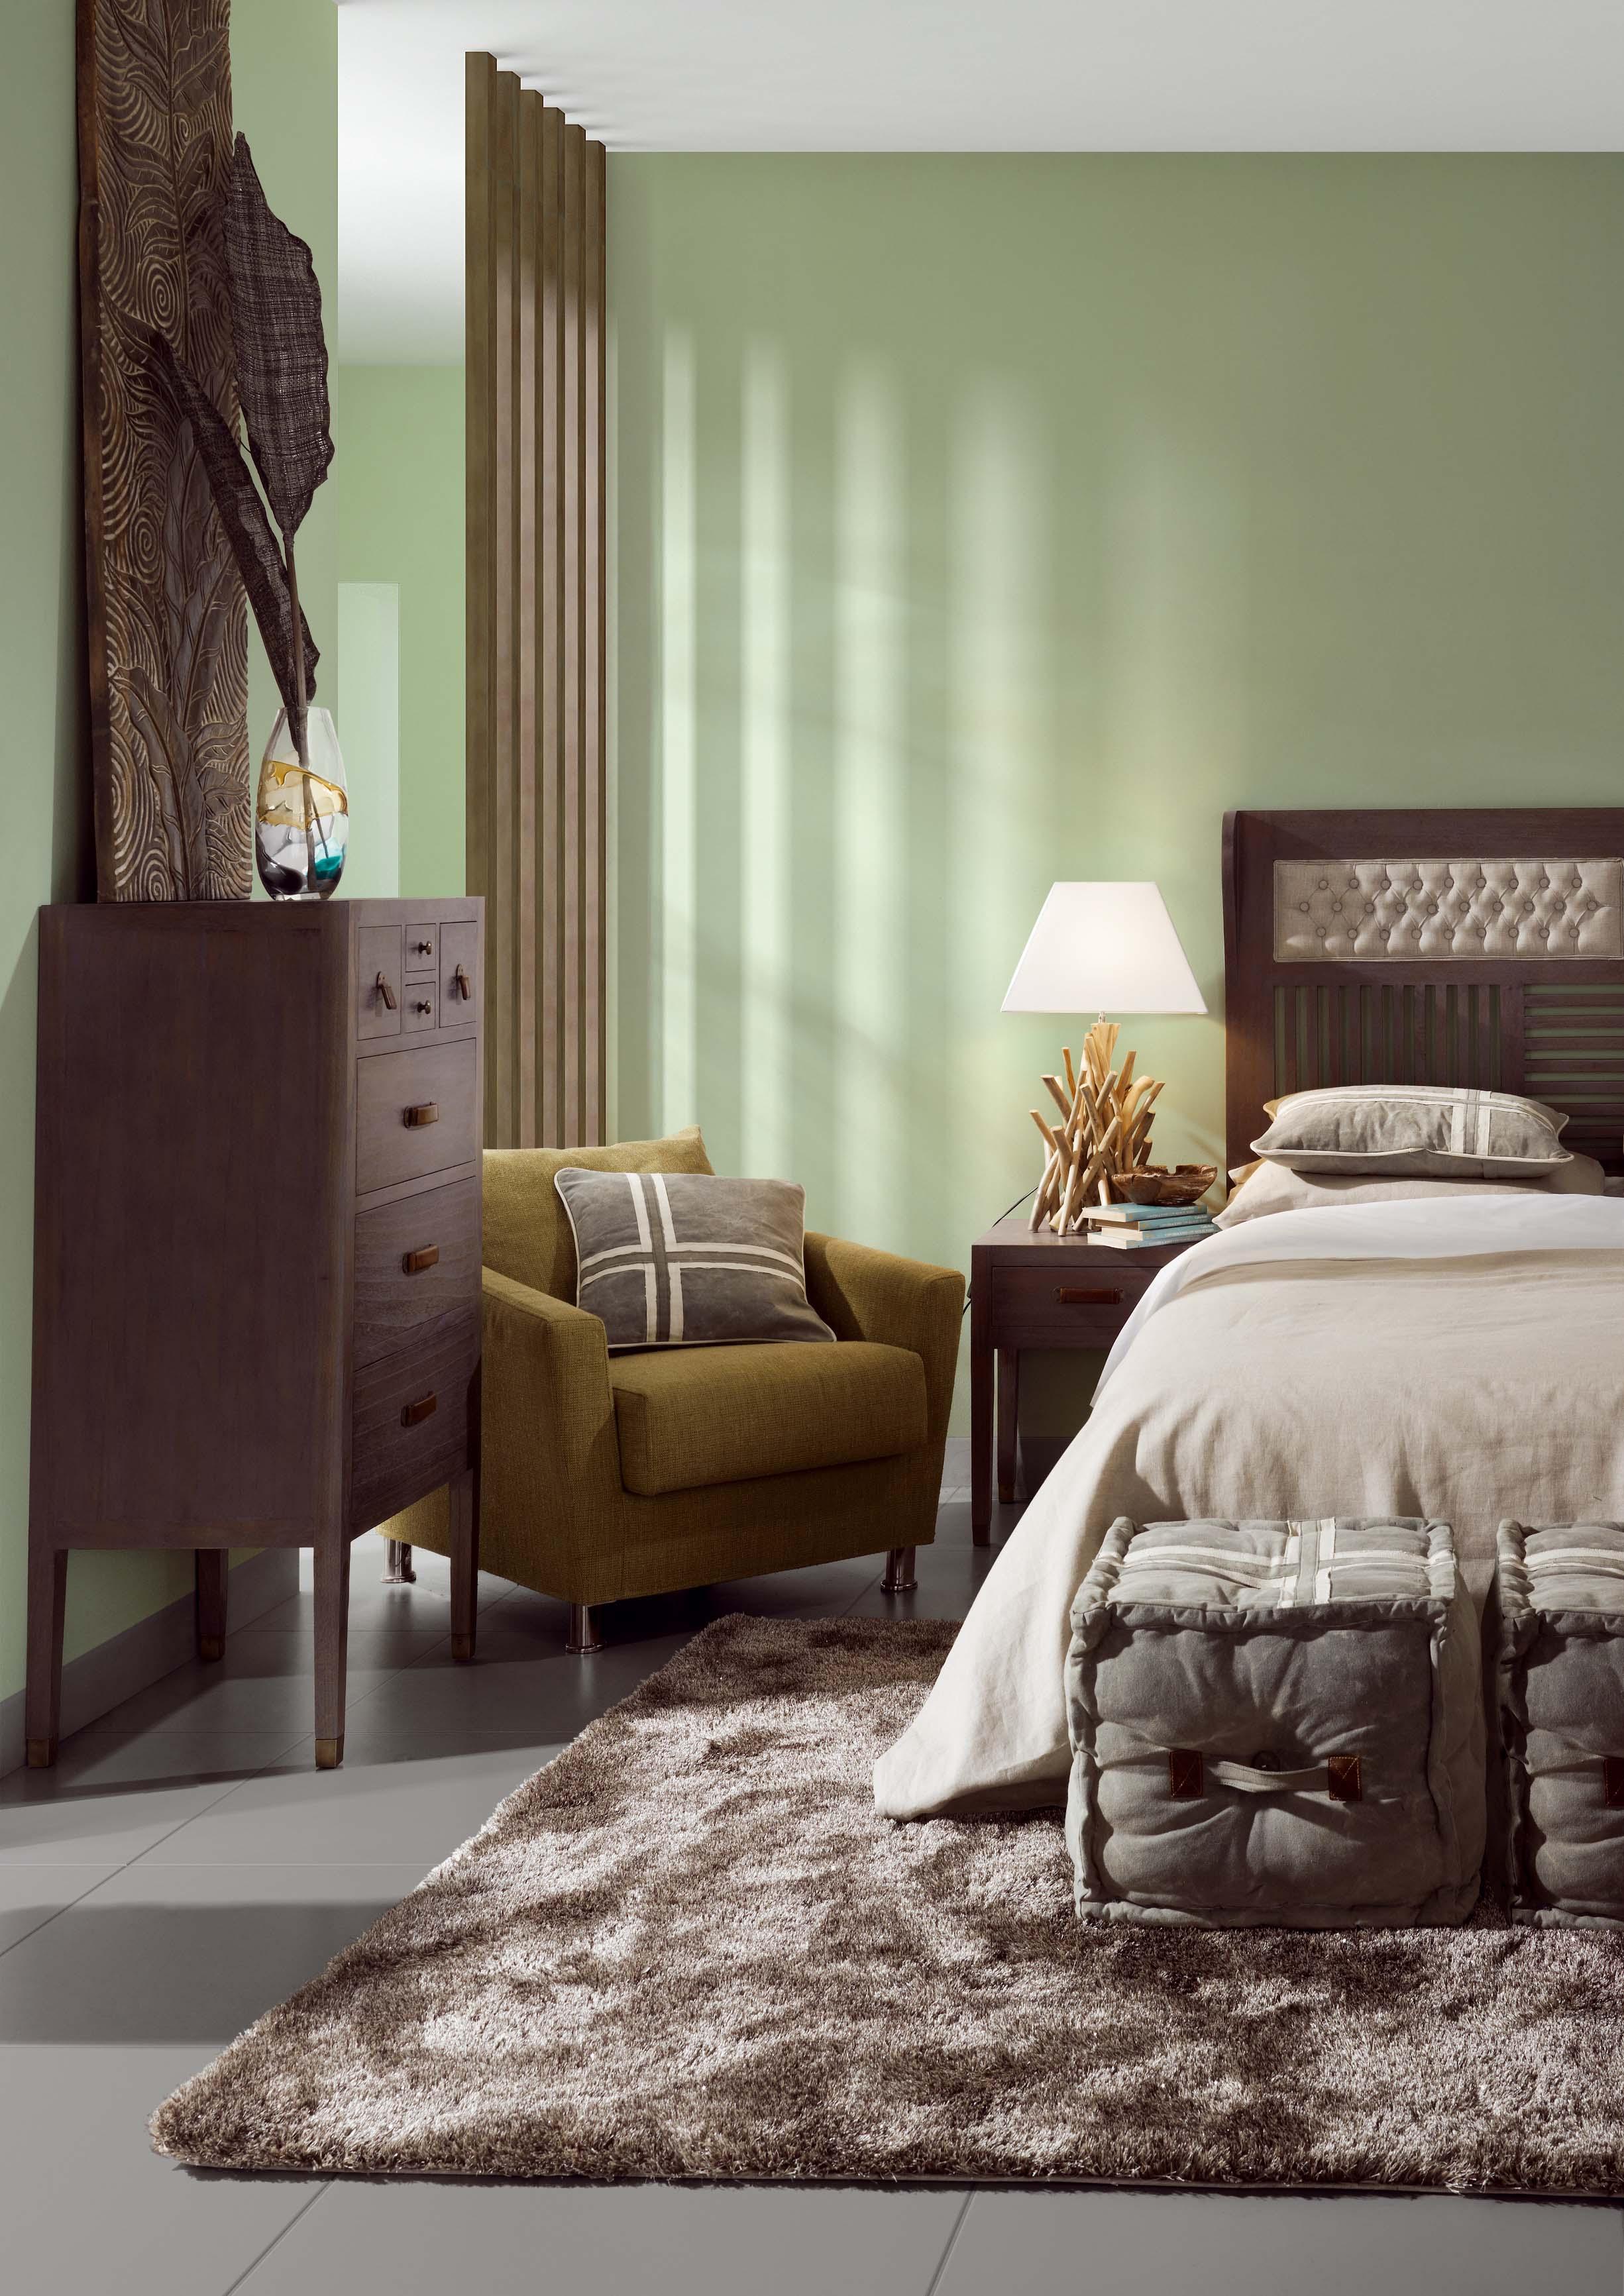 petite console d 39 entr e en bois gris 3 tiroirs collection tana. Black Bedroom Furniture Sets. Home Design Ideas